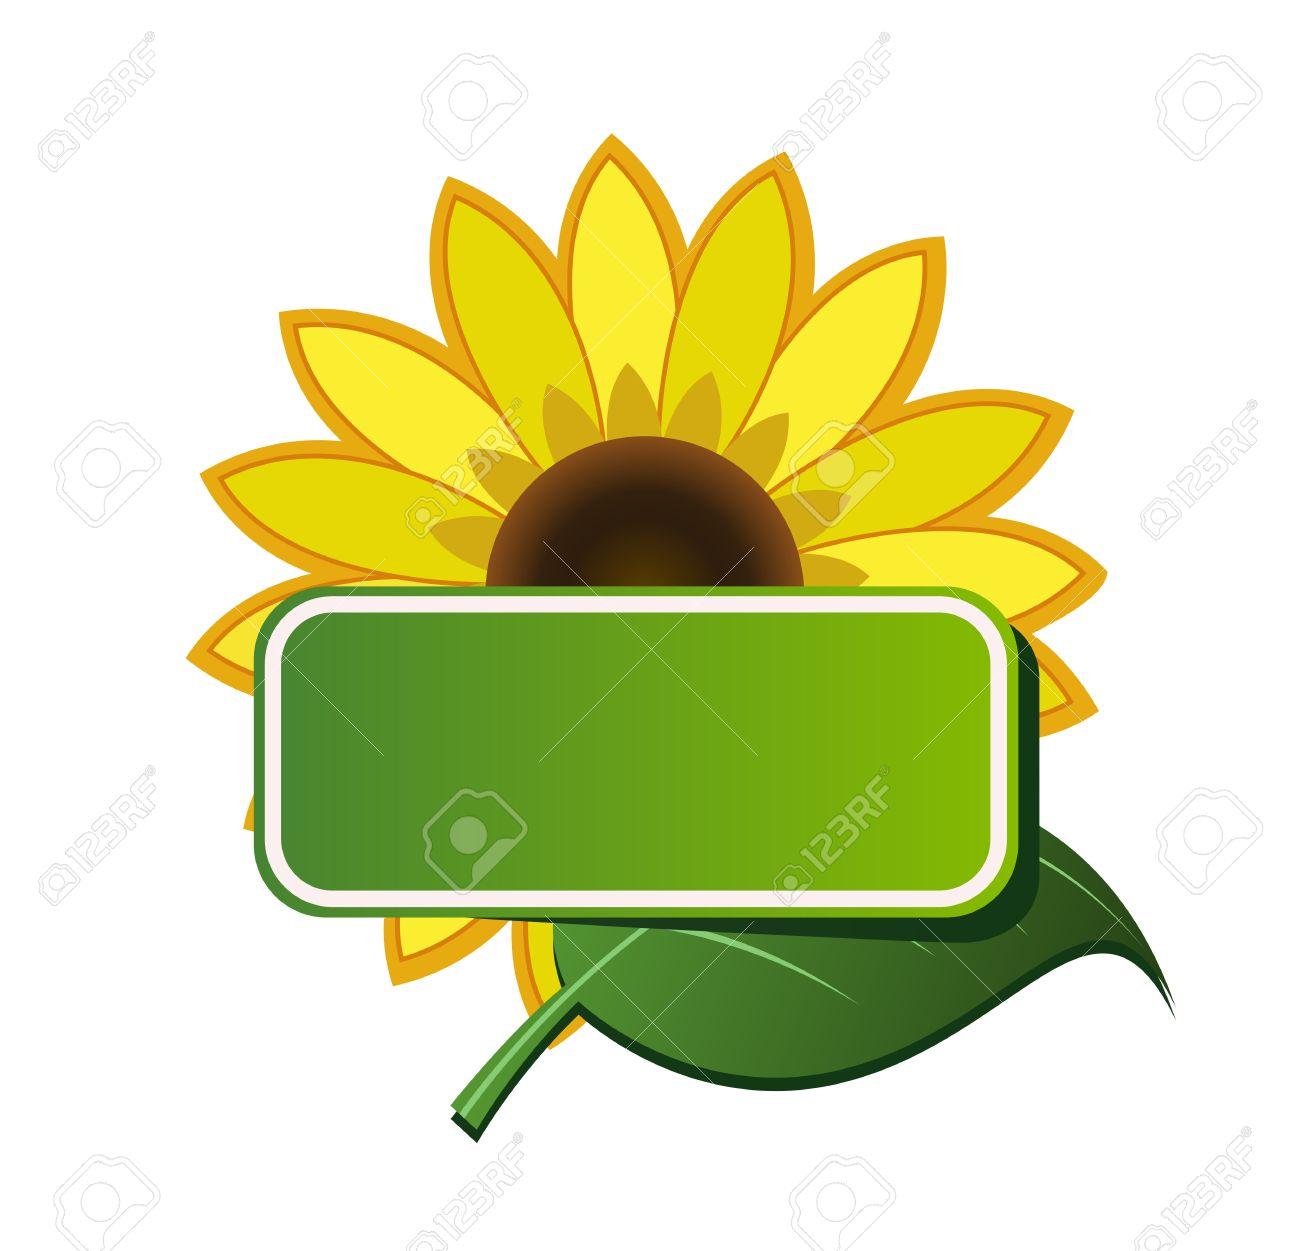 1300x1251 Sunflower Clipart Corner Border